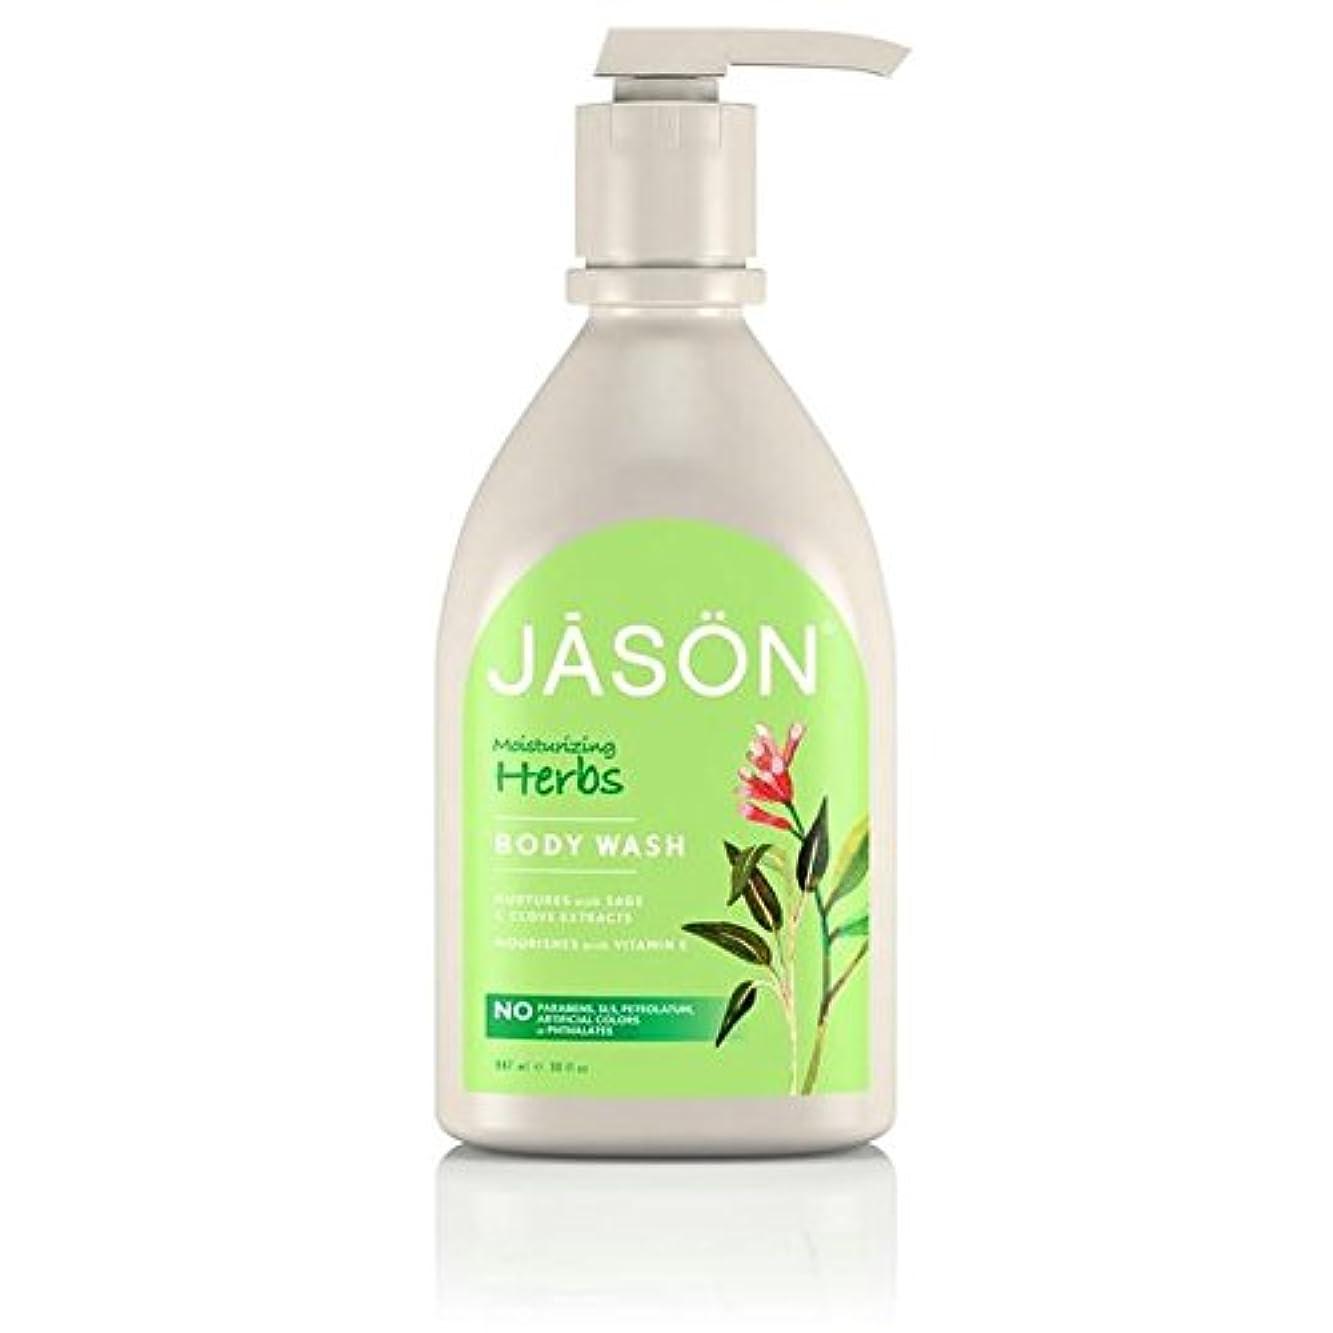 近々アーチ寓話Jason Herbal Satin Body Wash Pump 900ml - ジェイソン?ハーブサテンボディウォッシュポンプ900ミリリットル [並行輸入品]